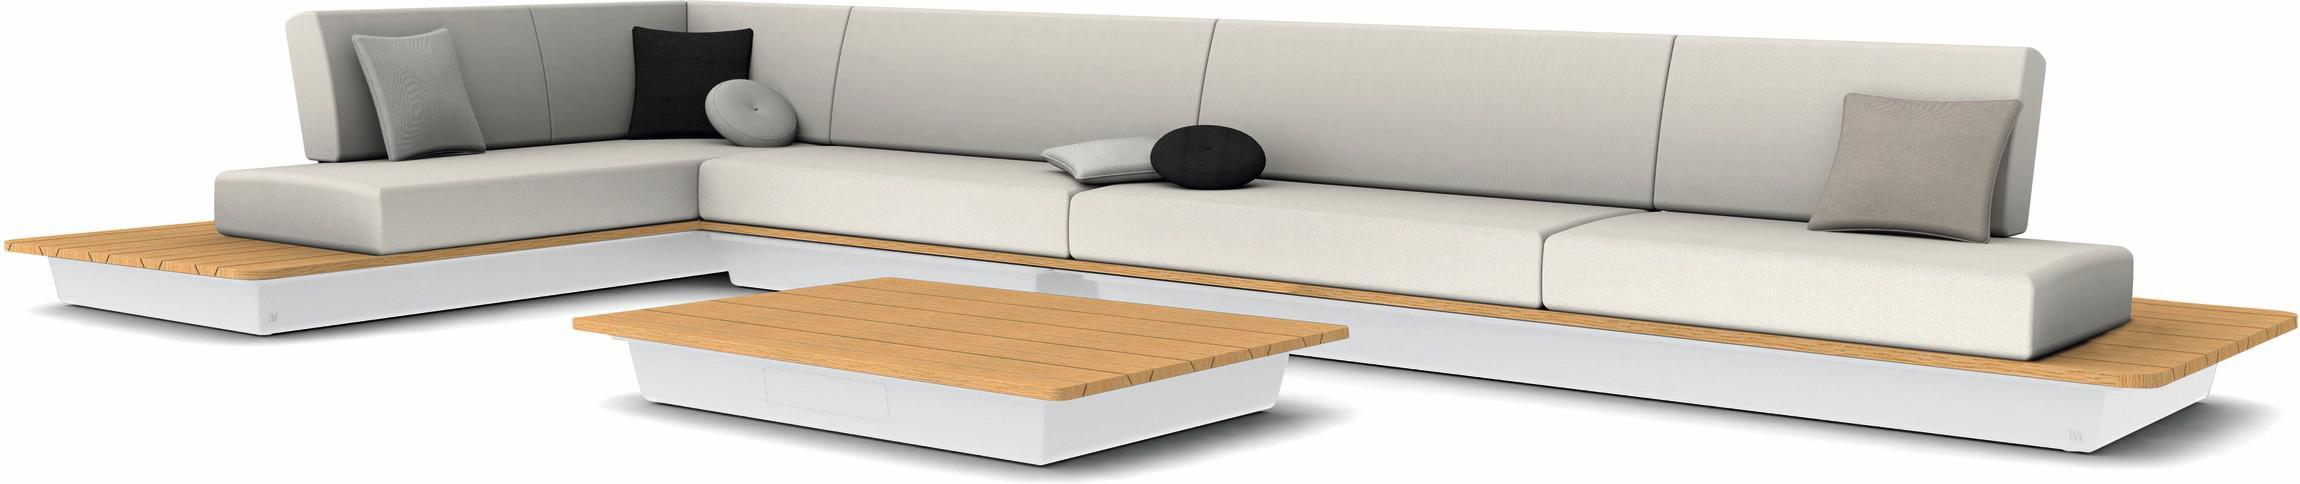 Air concept 2 - blanc - plateau bois d'iroko